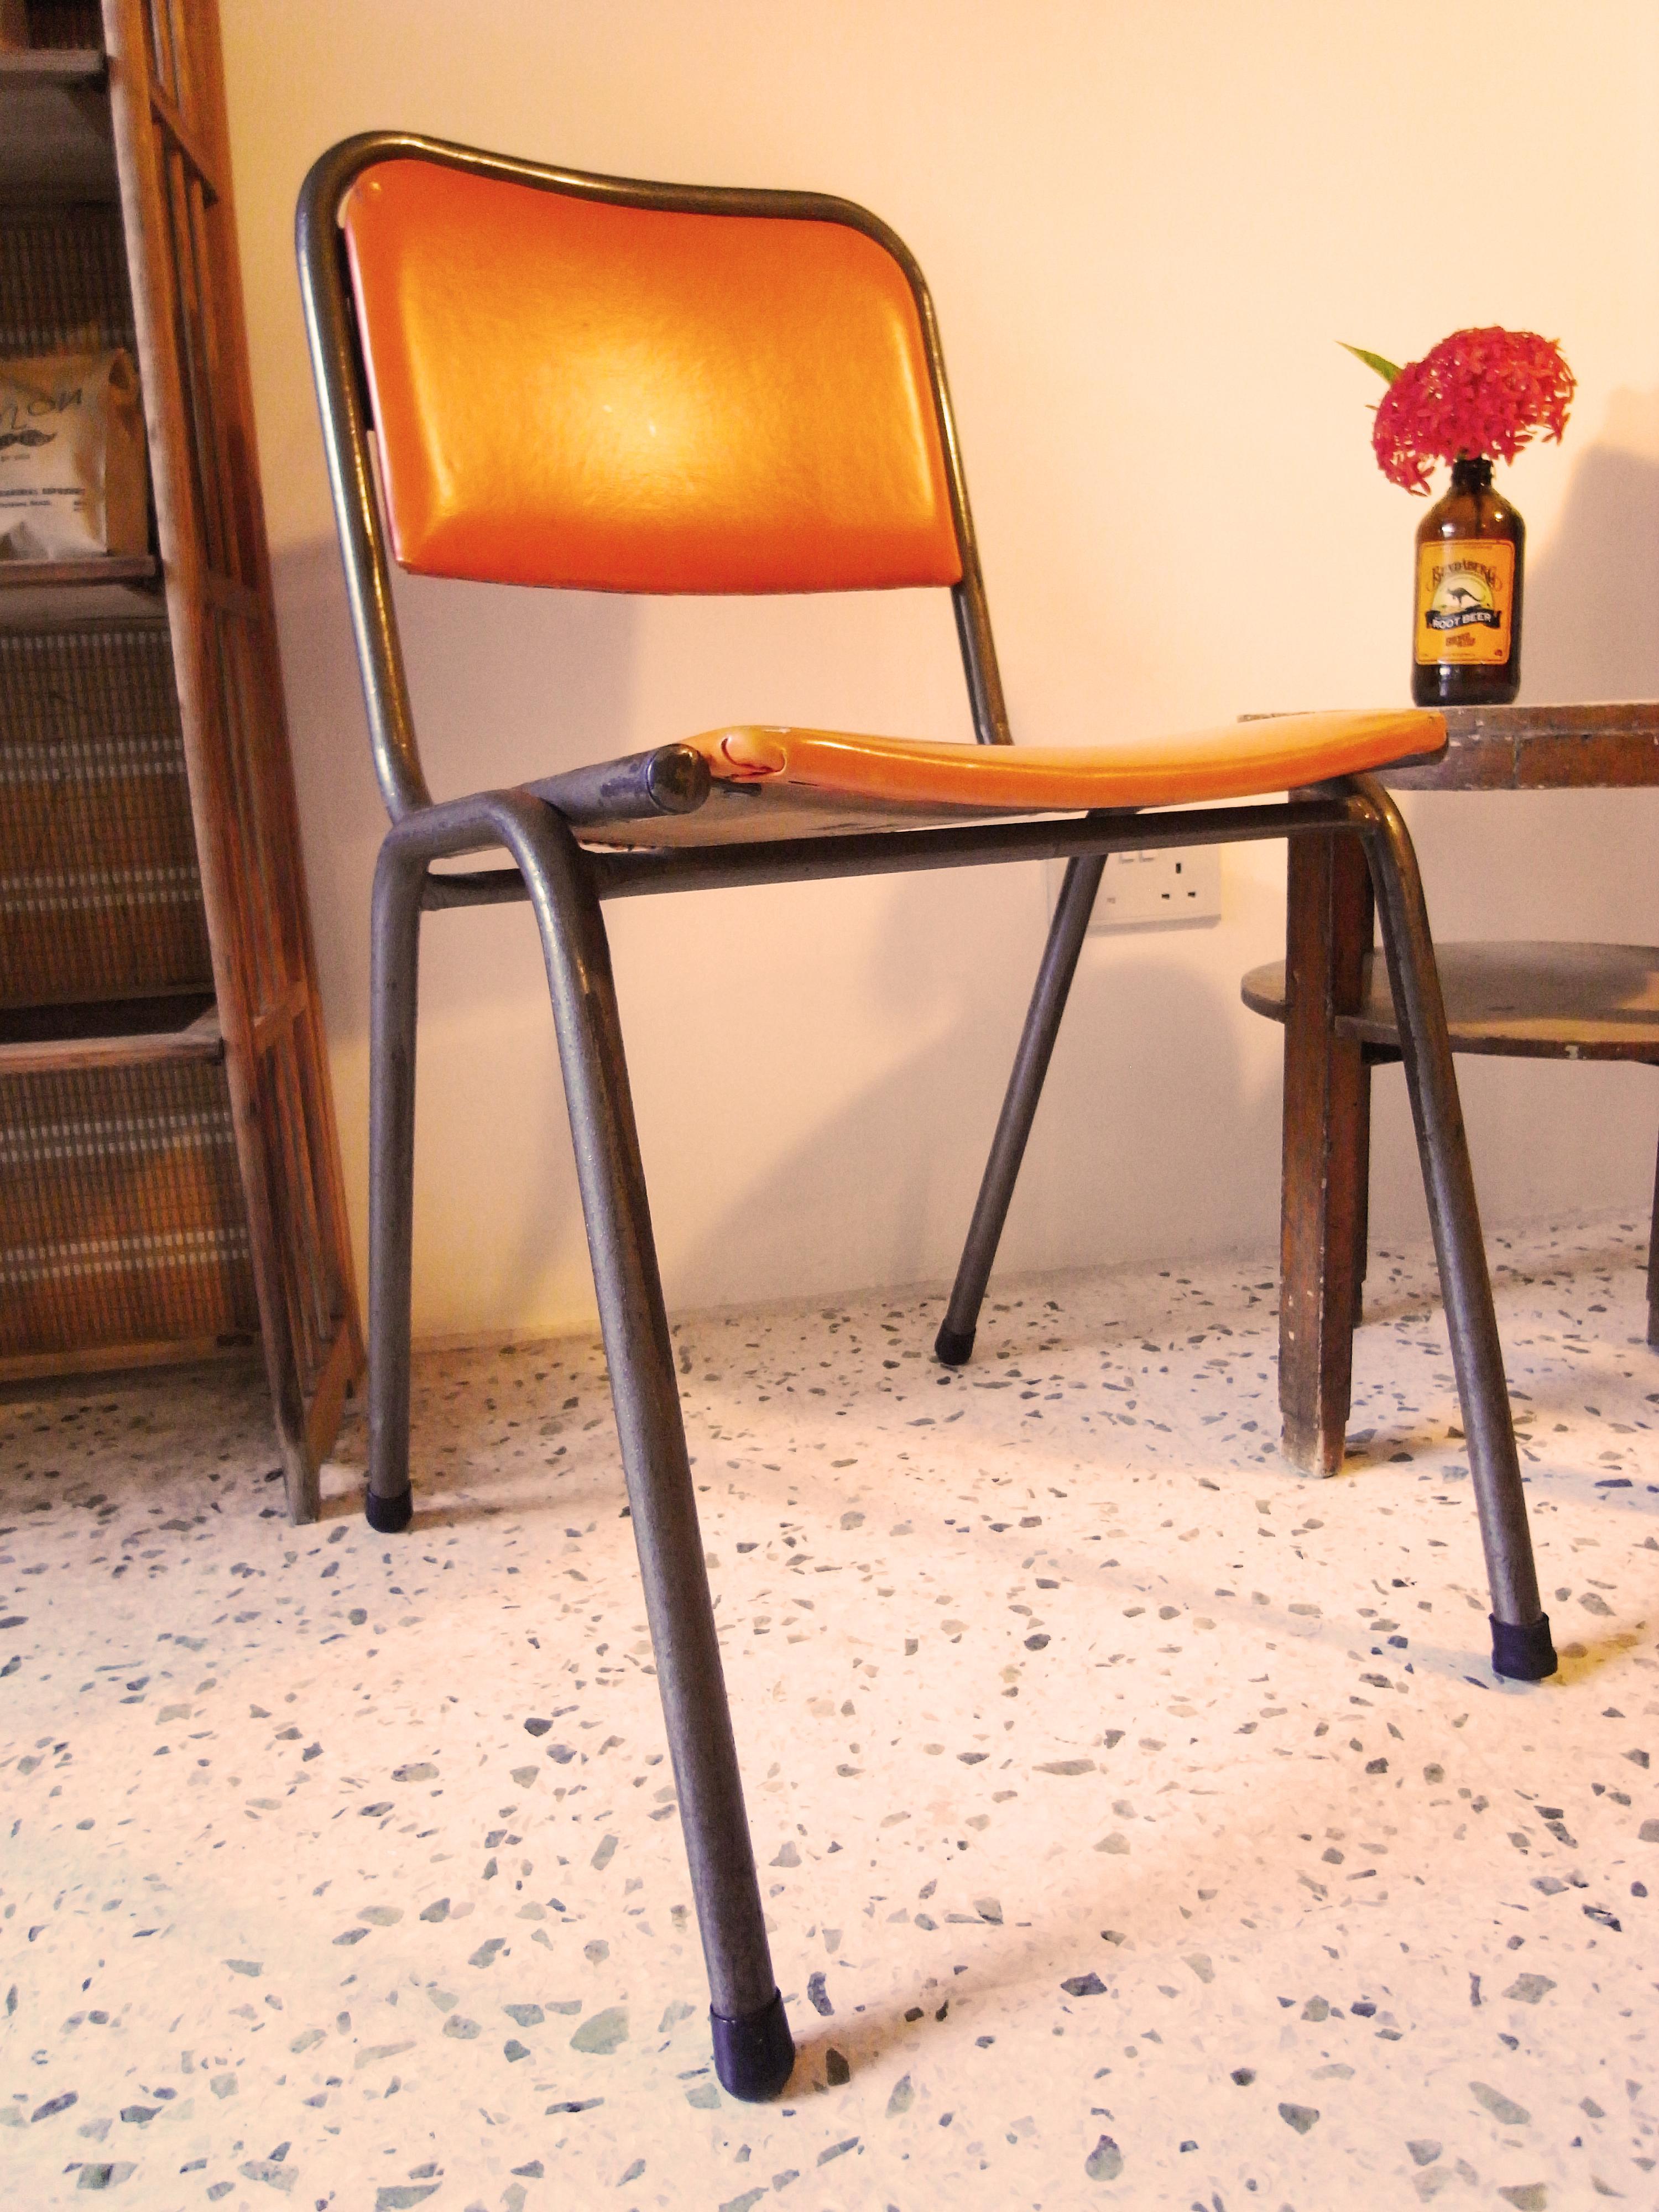 Oral pleasure chair photo 552